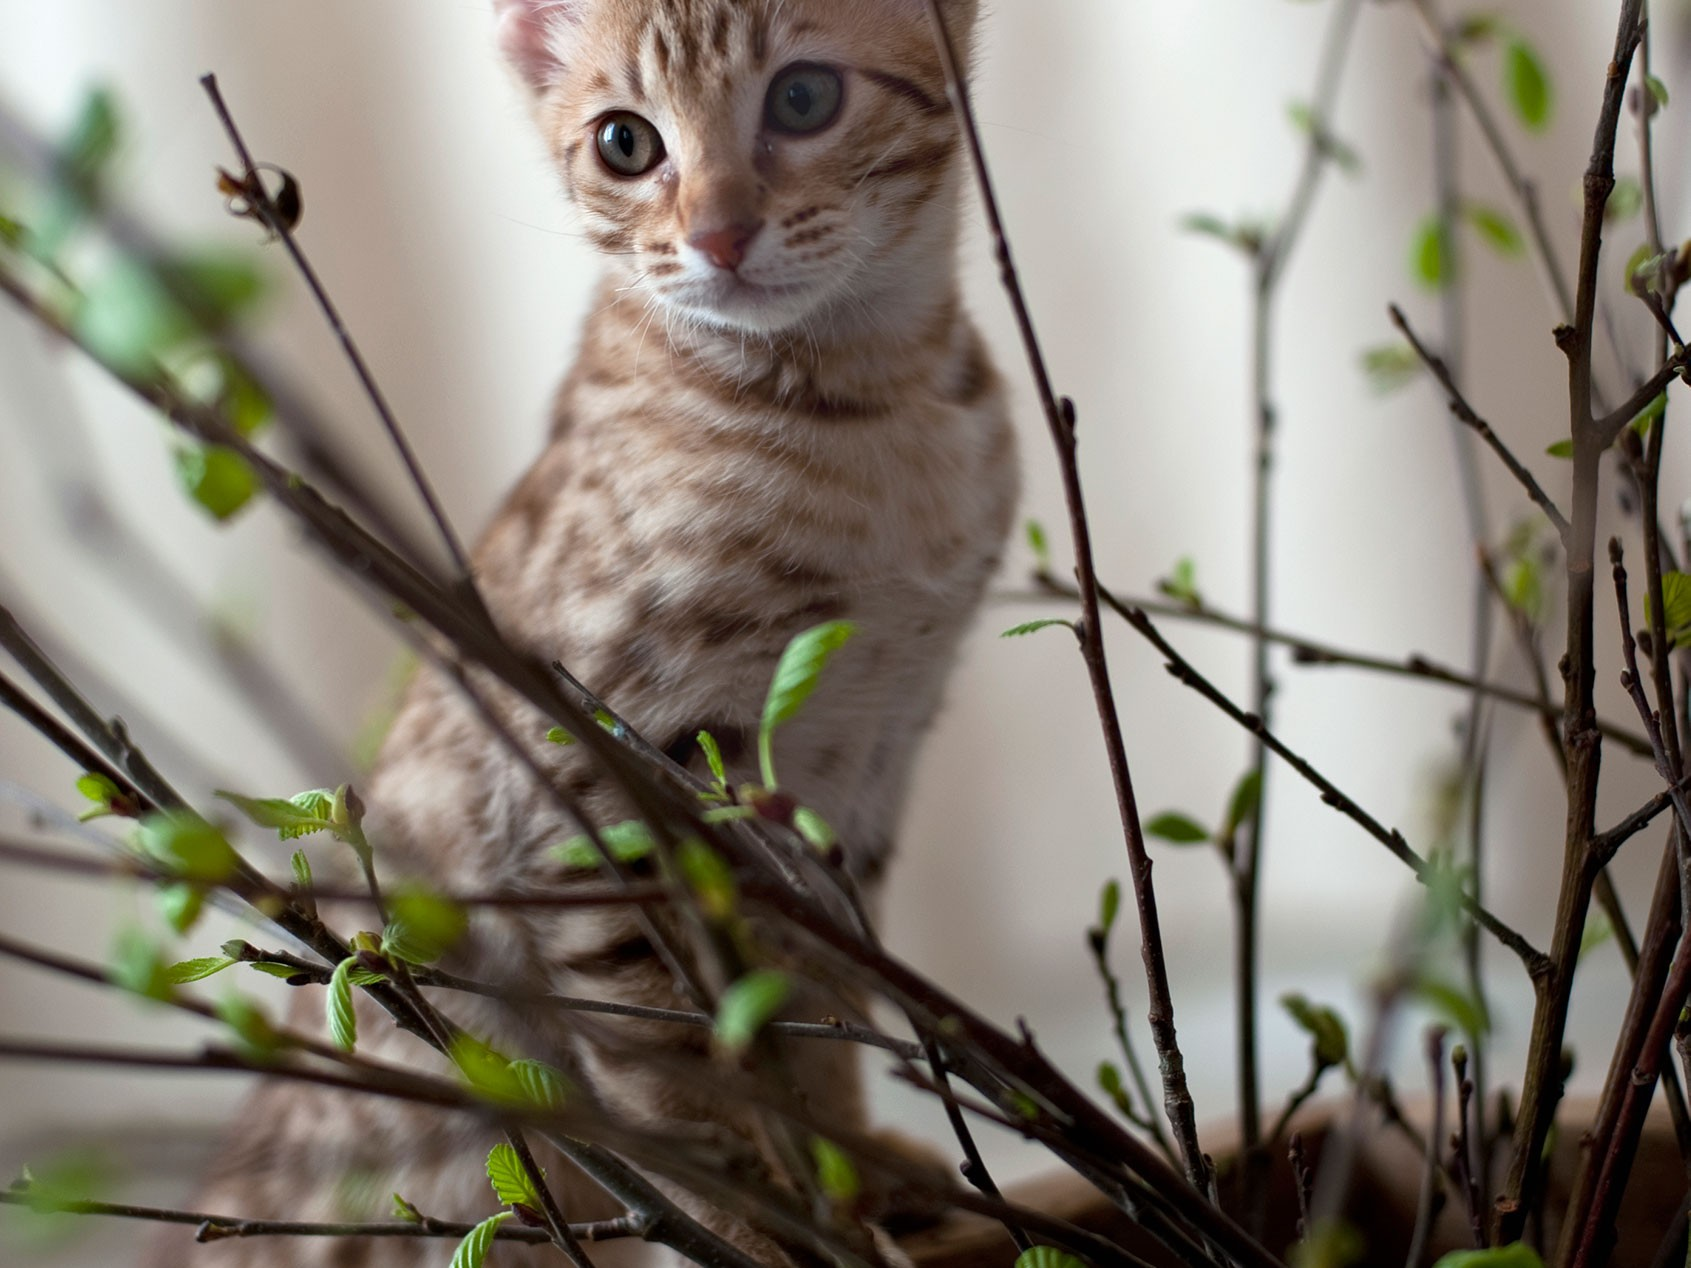 Eläinlääkäriasema Helmen tietoartikkelit - Kissan kutina